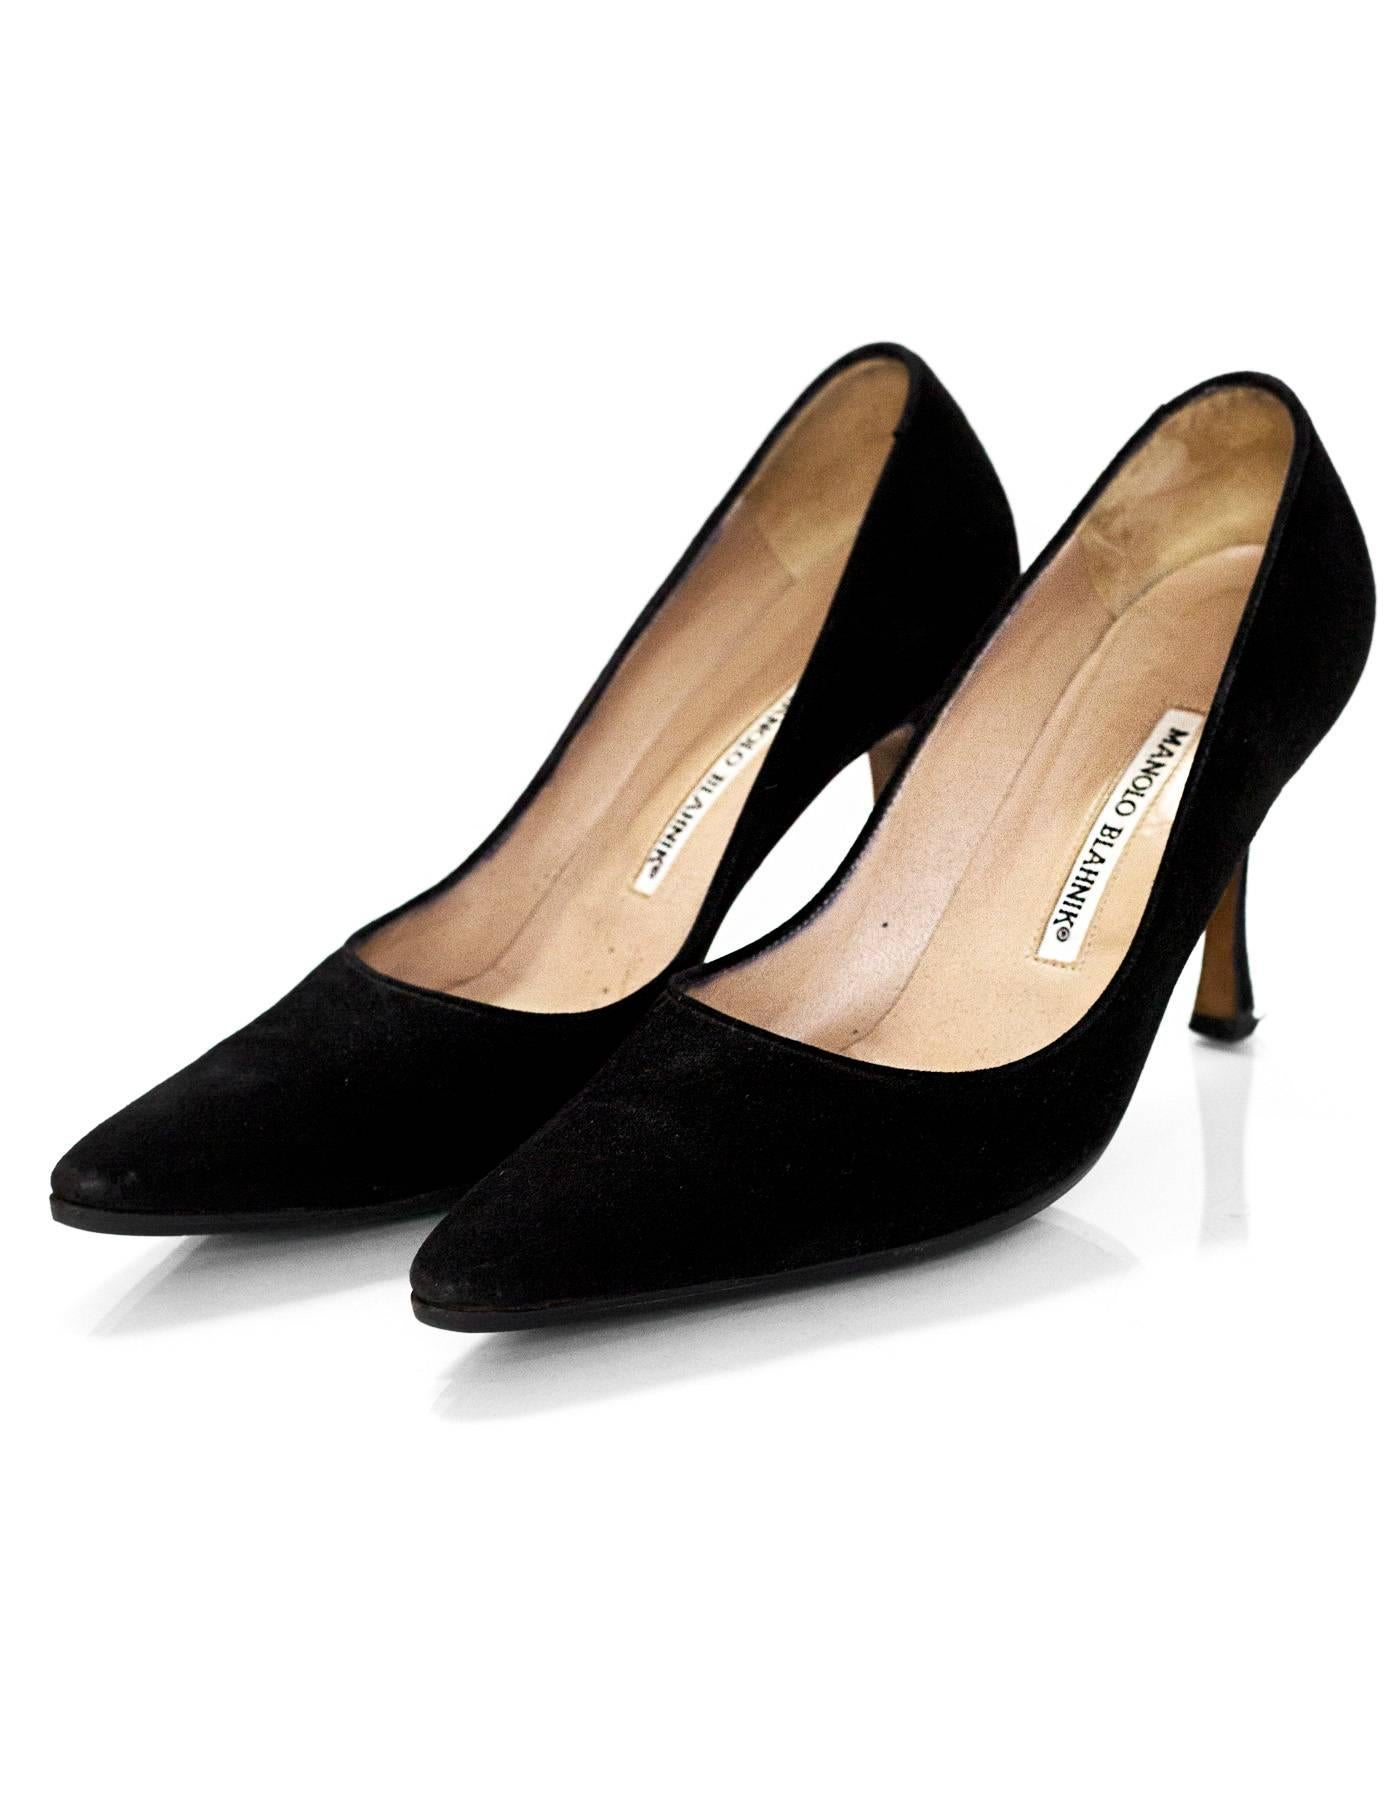 0348cb985d7 ... uk manolo blahnik black suede point toe pumps sz 37.5 for sale 2 8c7d1  1efc5